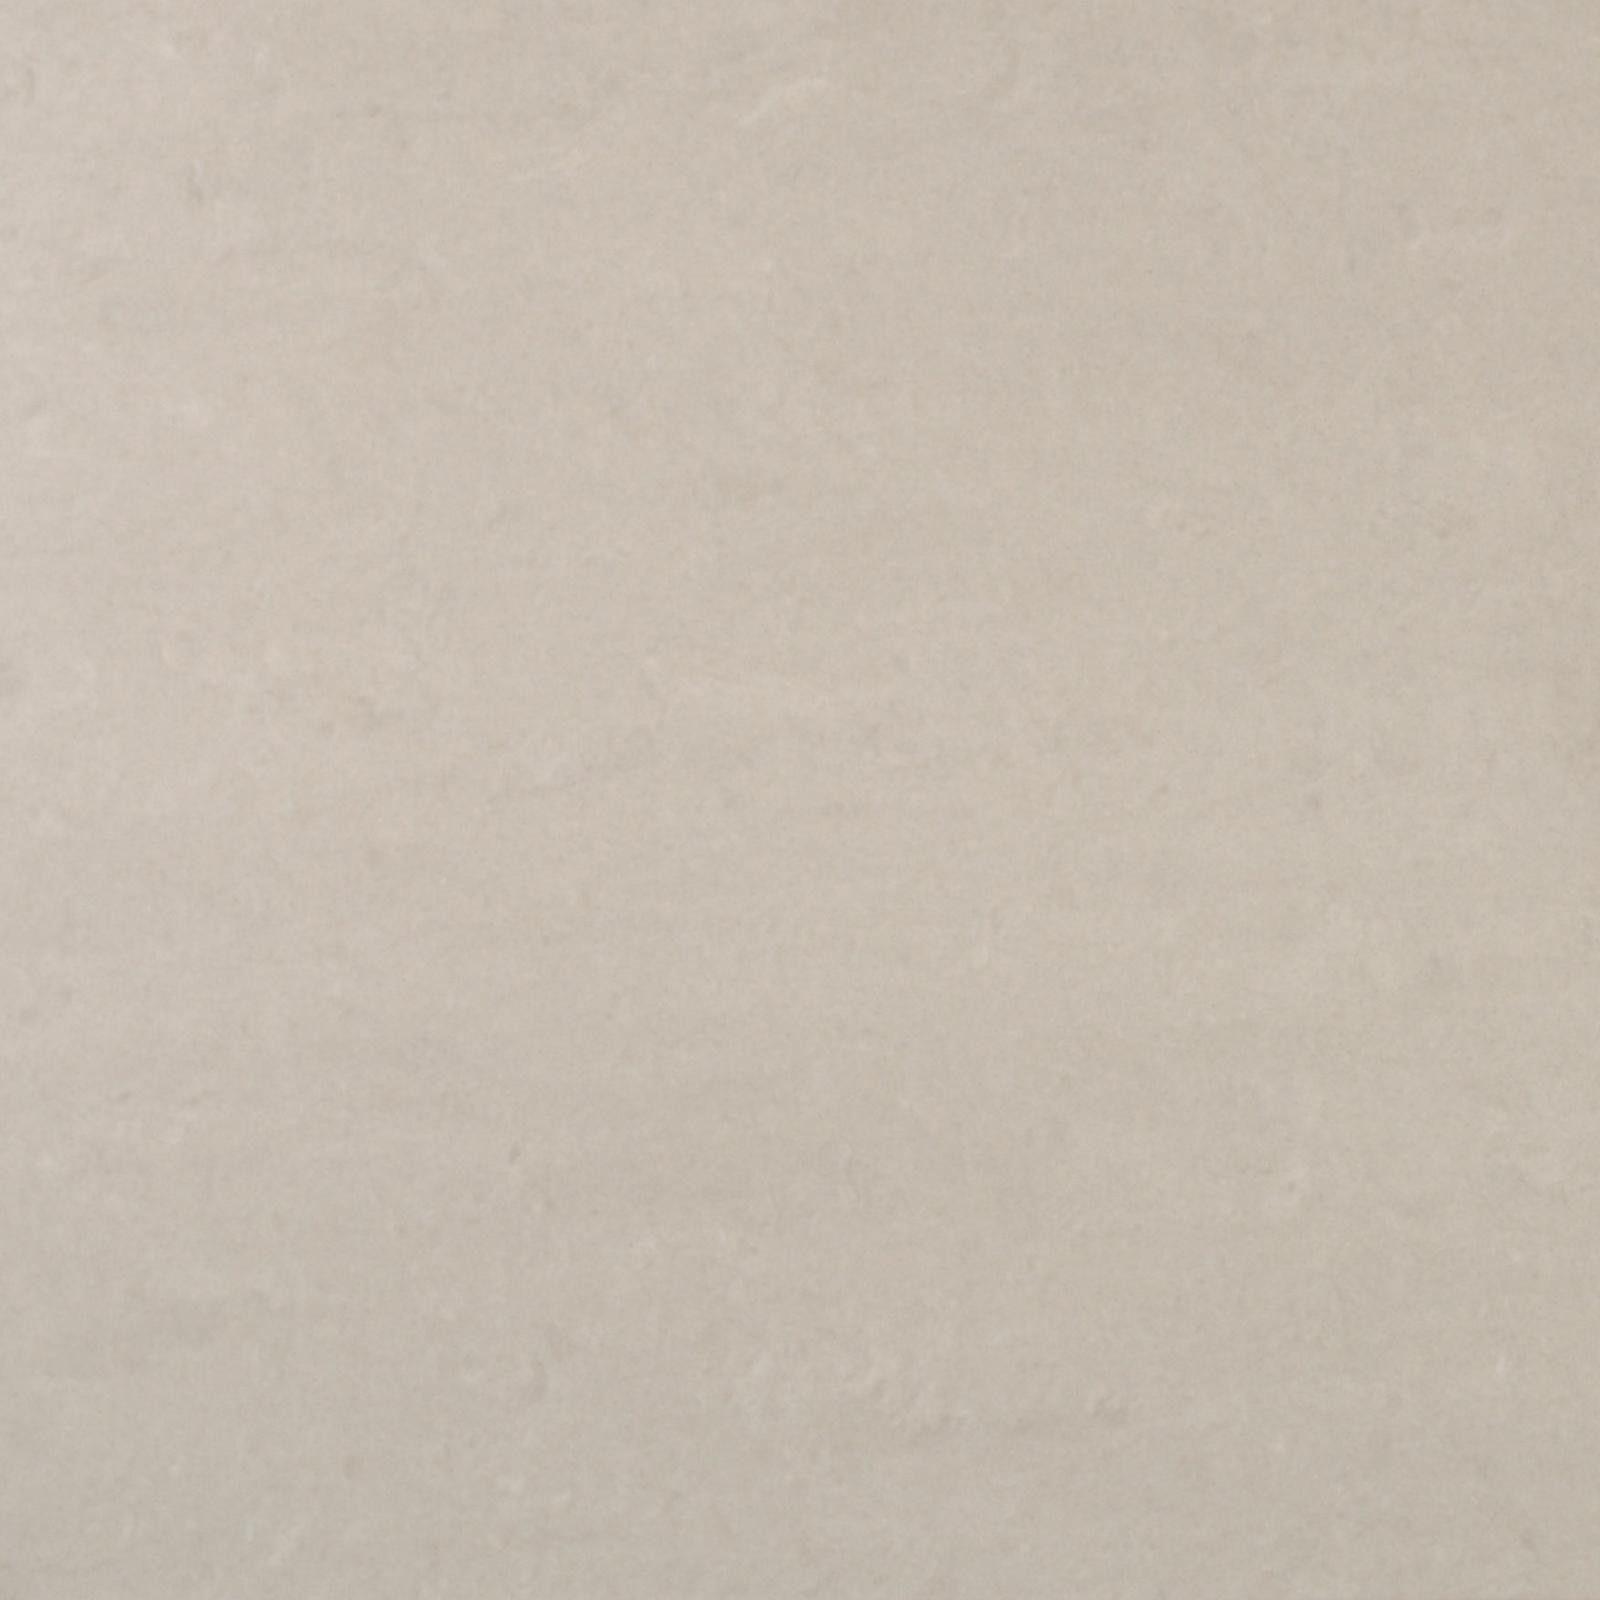 Sovereign Light Grey Polished Porcelain Floor Tile 600x600